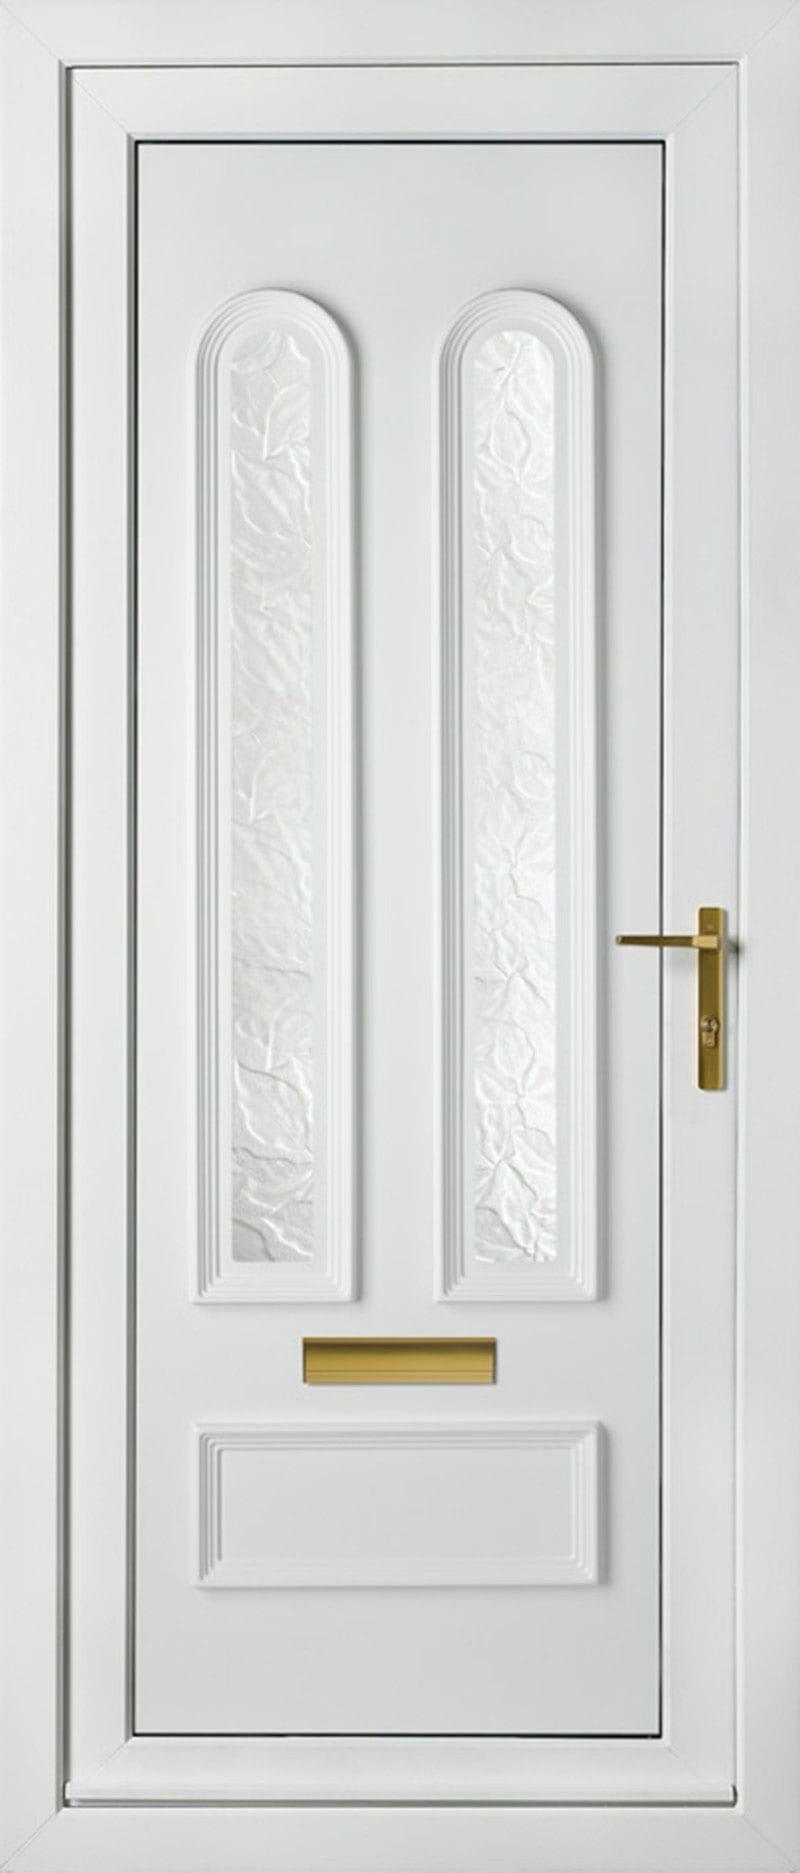 Decorative Door Panels : Pvc doors and decorative panels dorset windows ltd